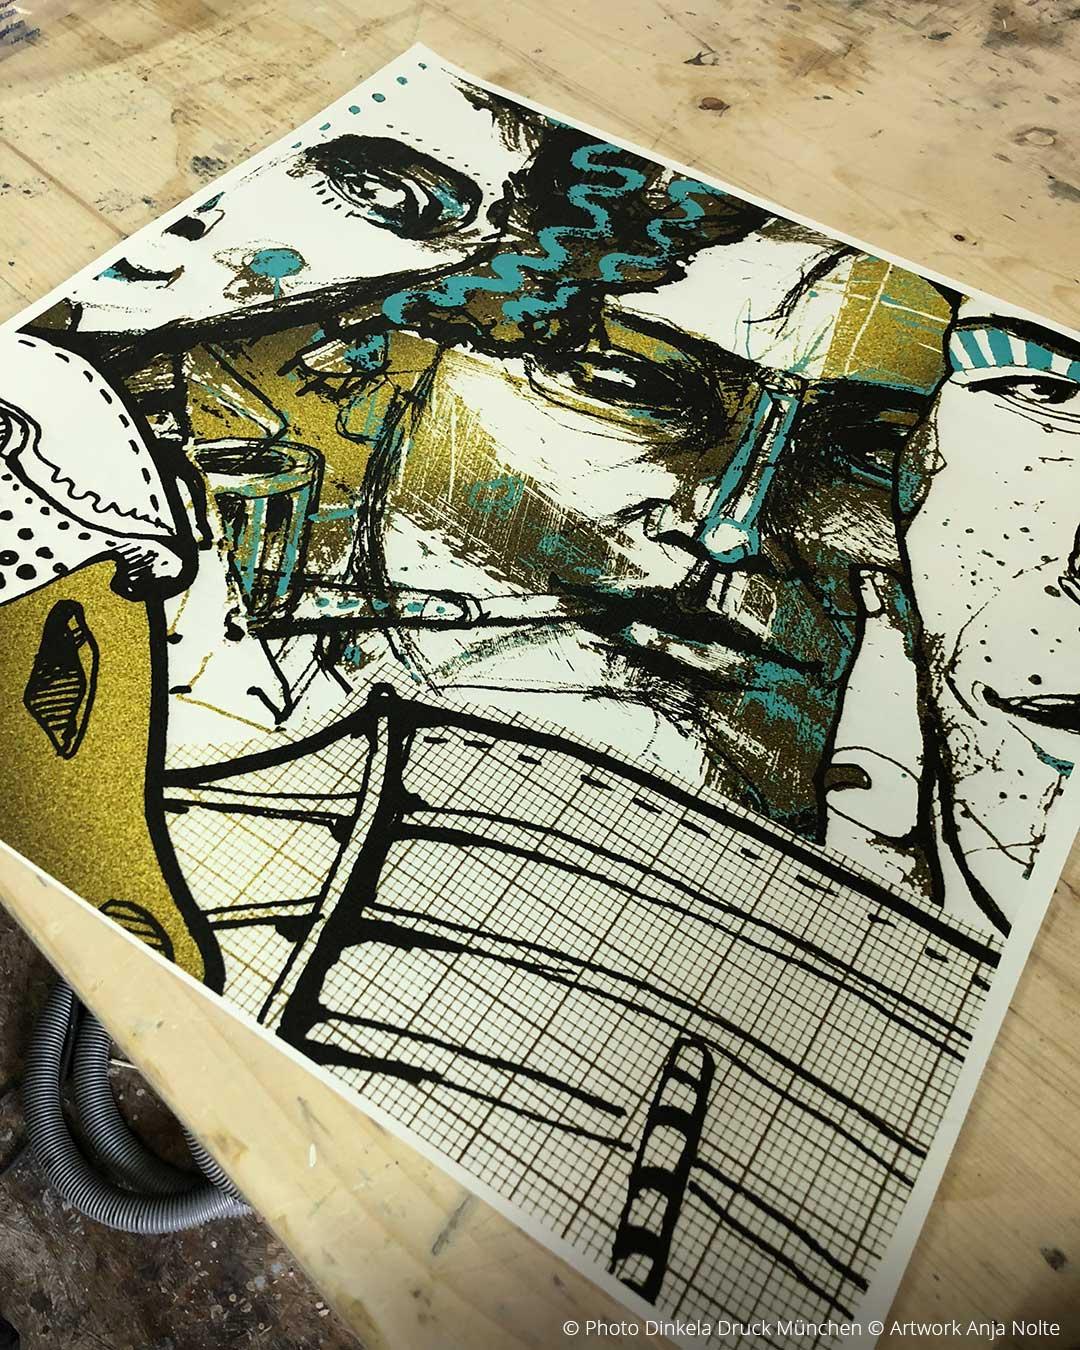 Testproof Grossformatdruck © Artwork & IllustrationAnja Nolte